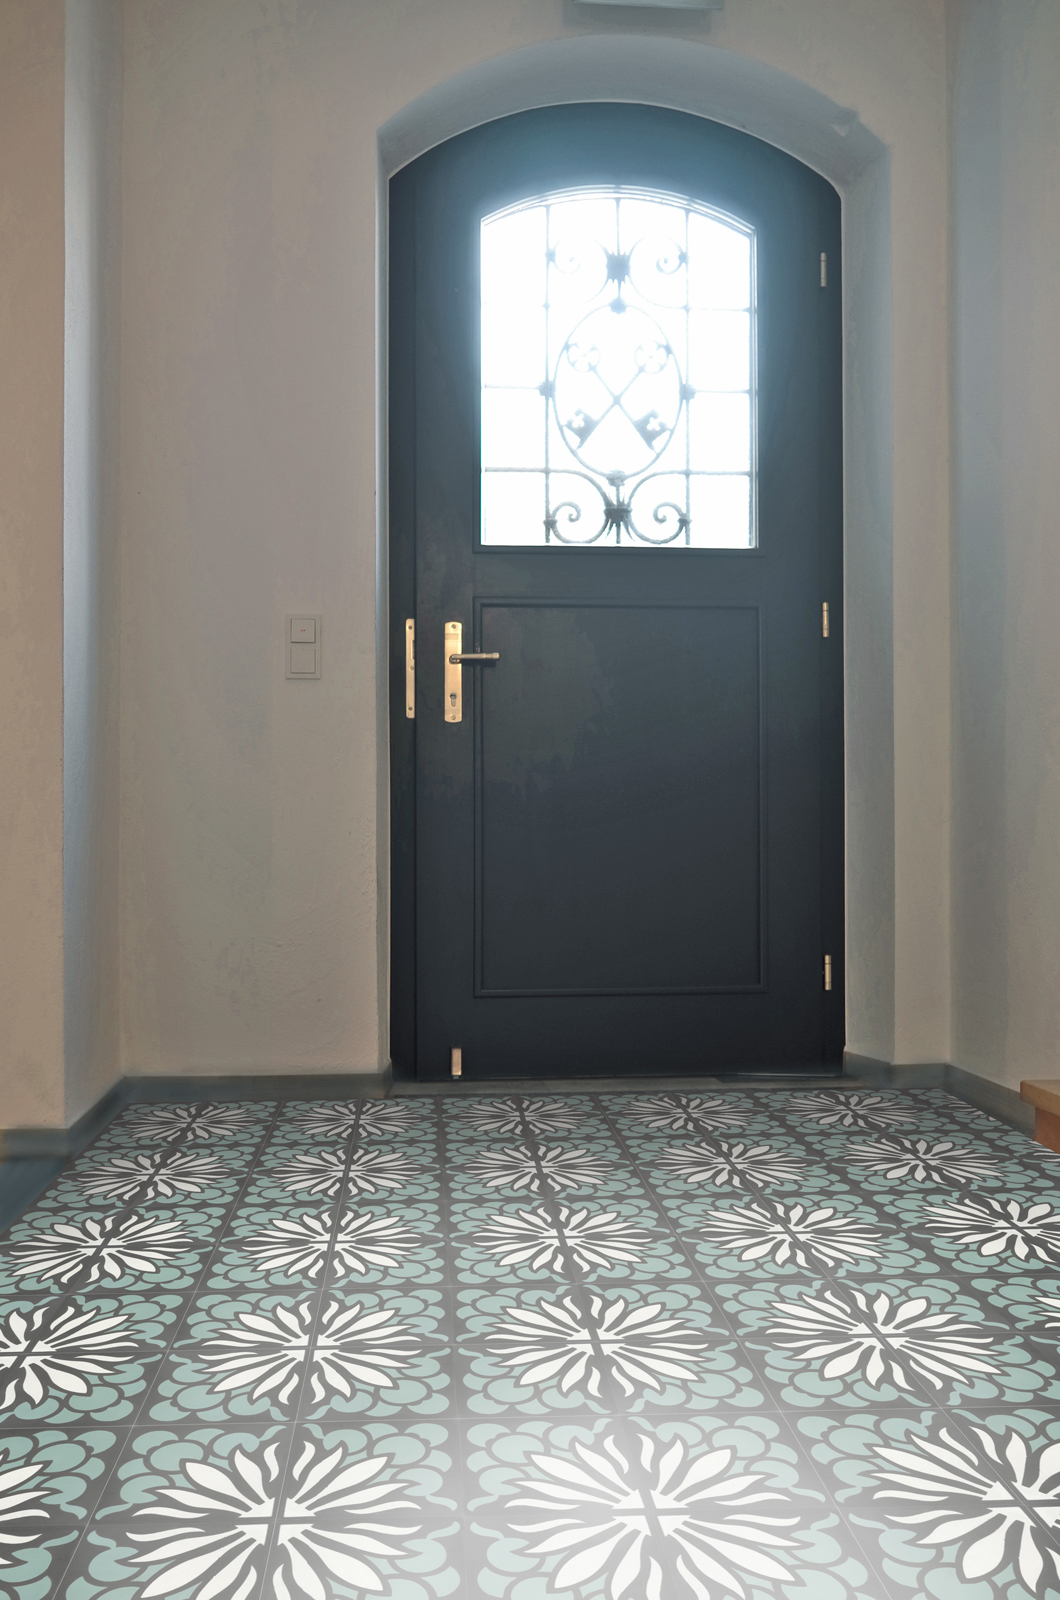 VIA Zementmosaikplatten-nr.51137-61-flur-viaplatten | 51137-61